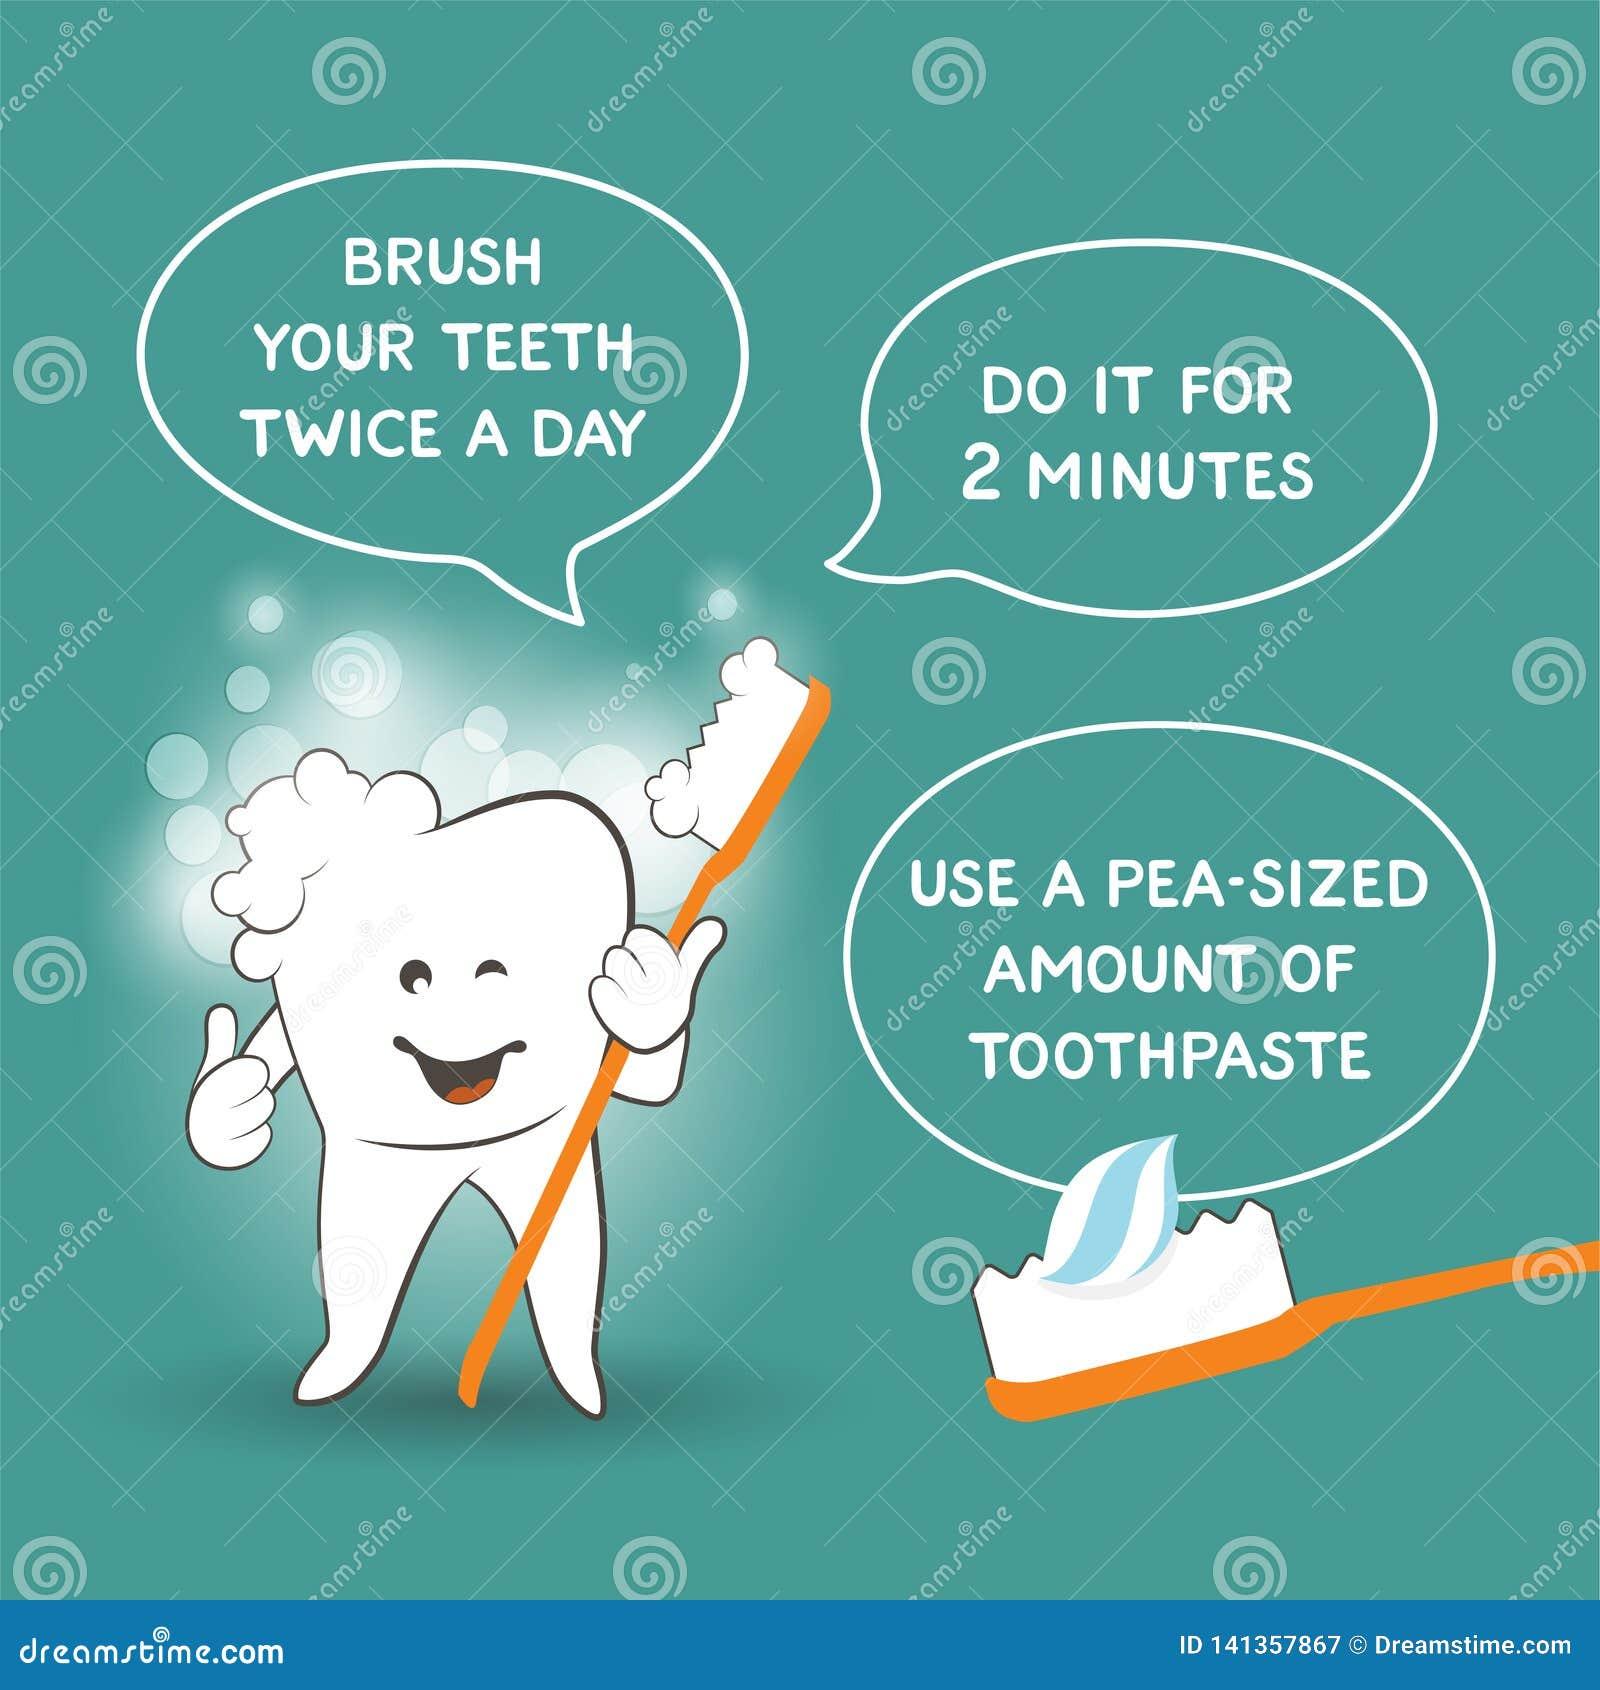 Instrukcja dla dzieciaków dlaczego stosownie szczotkować twój zęby - dentysta rada Ząb opieki plakat dla dzieci na błękitnym tle